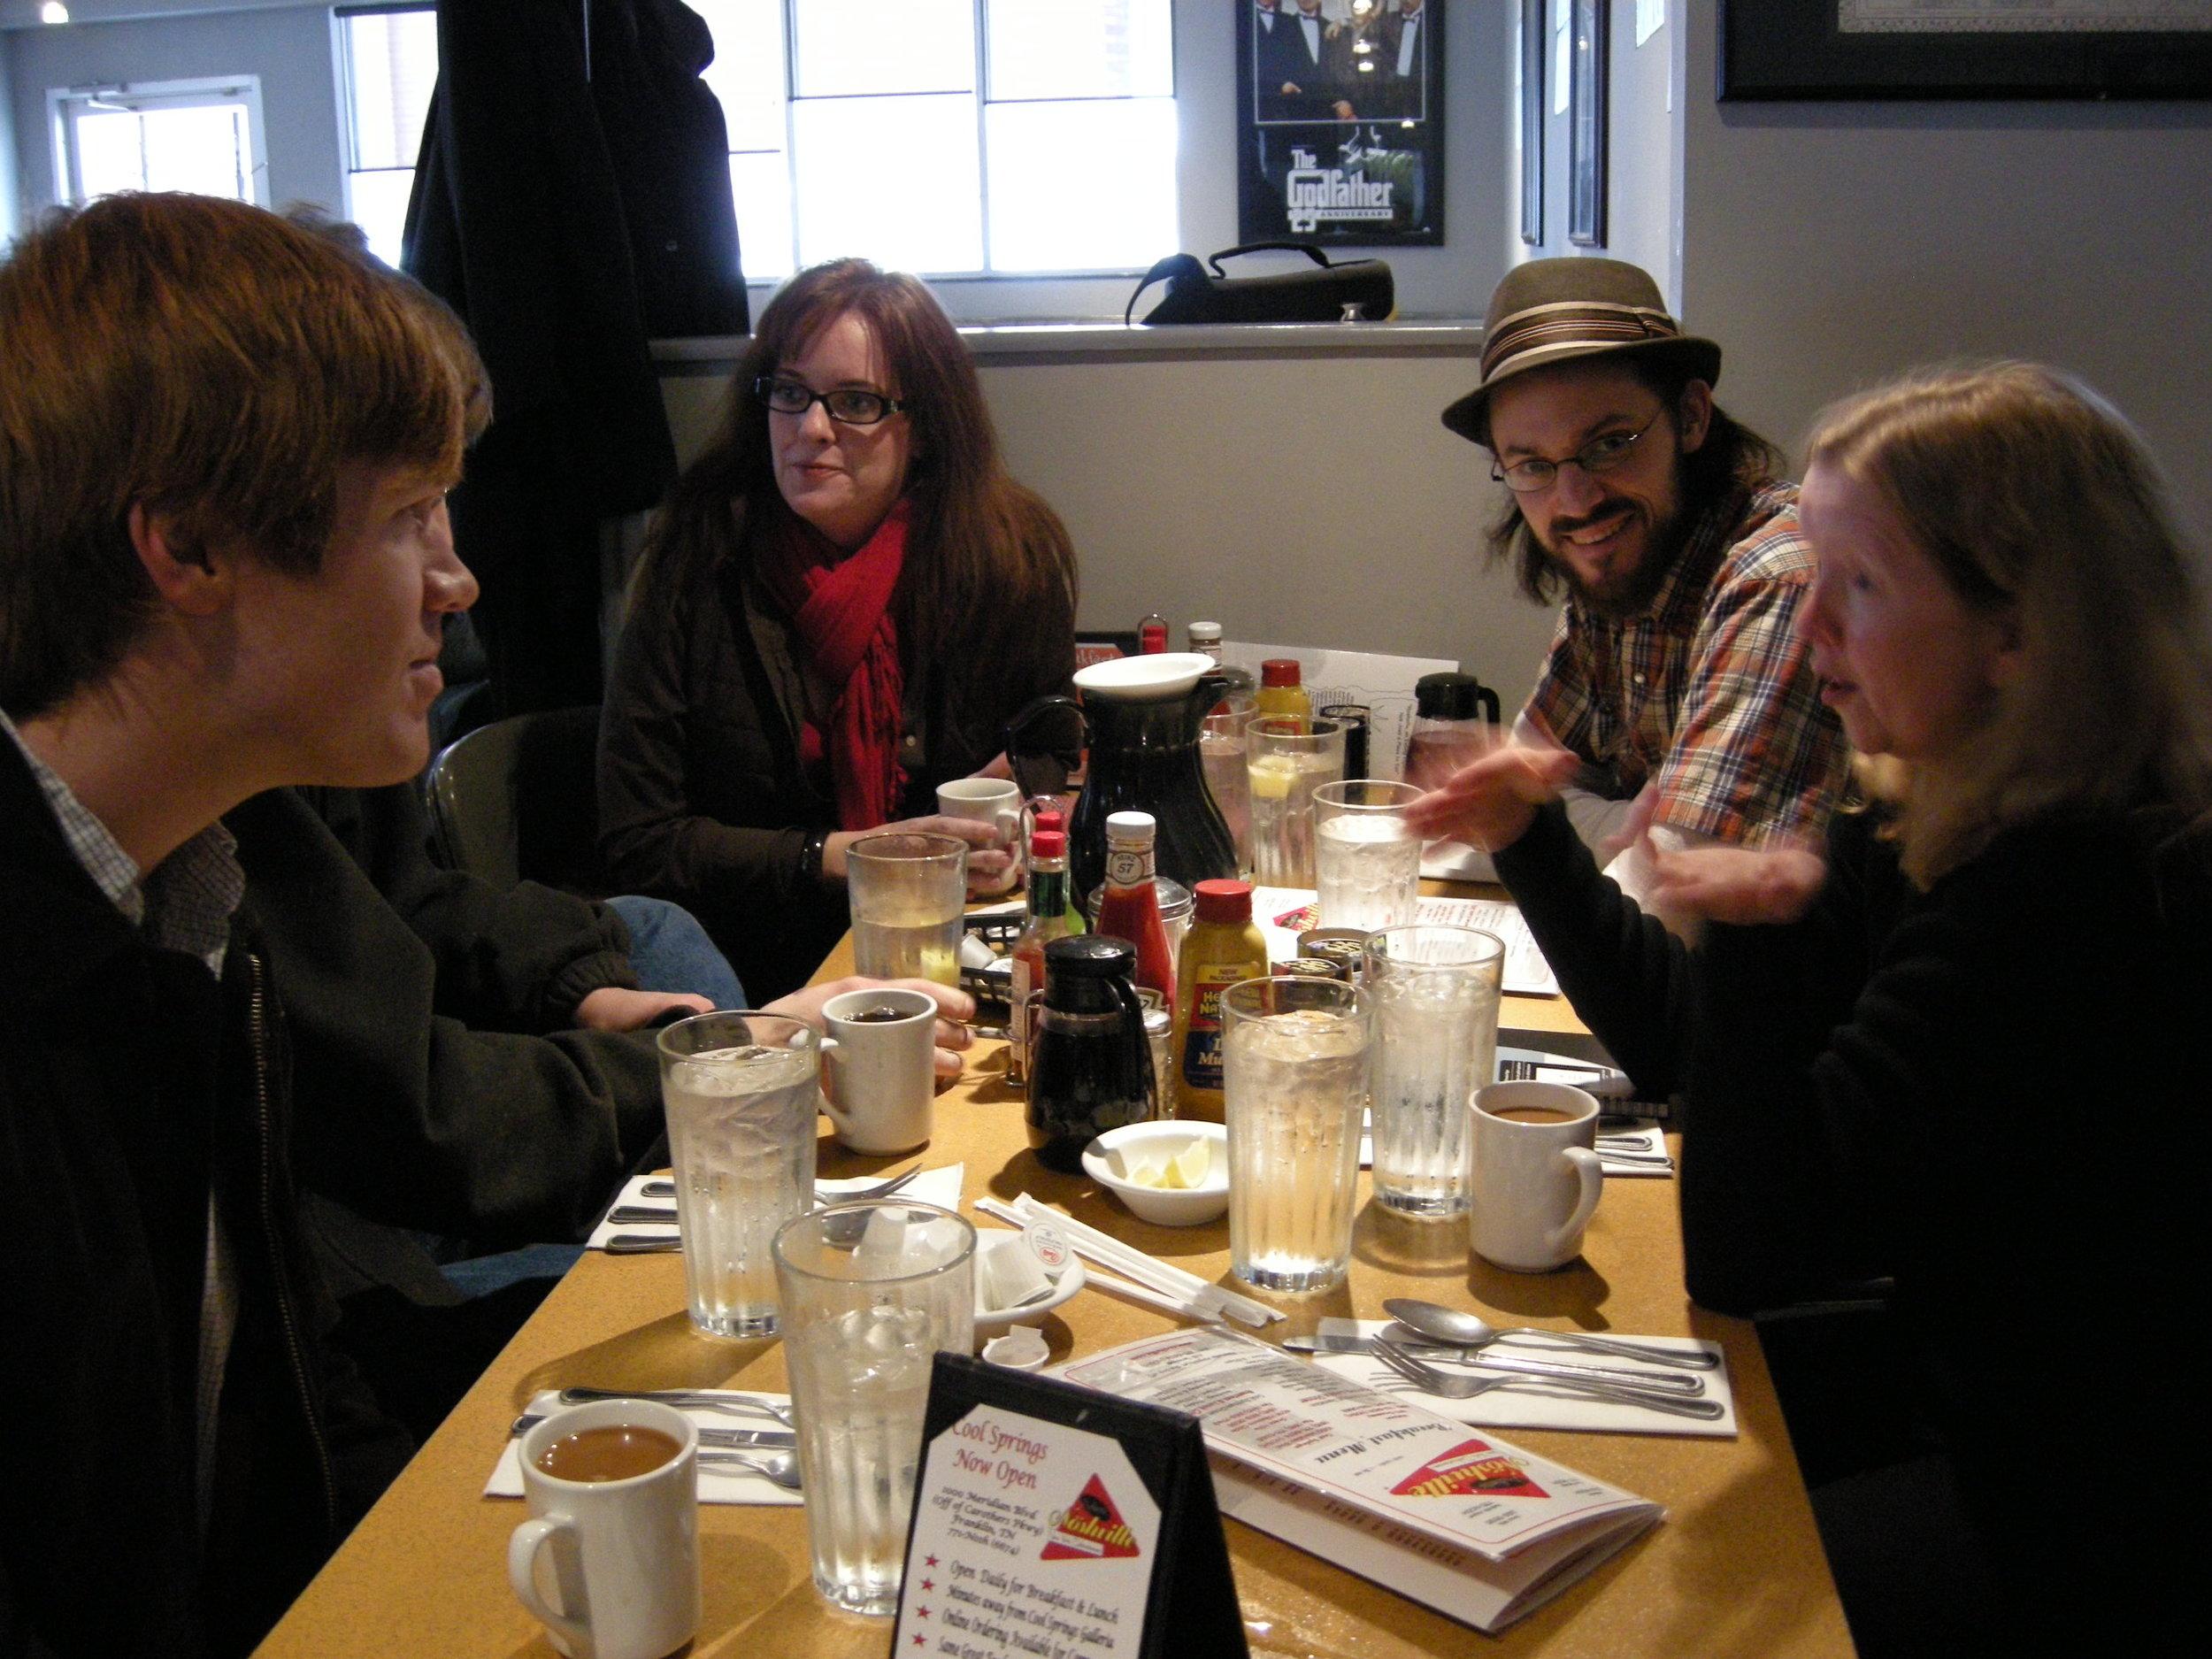 nashville-geek-breakfast---feb-2009_3311403971_o.jpg